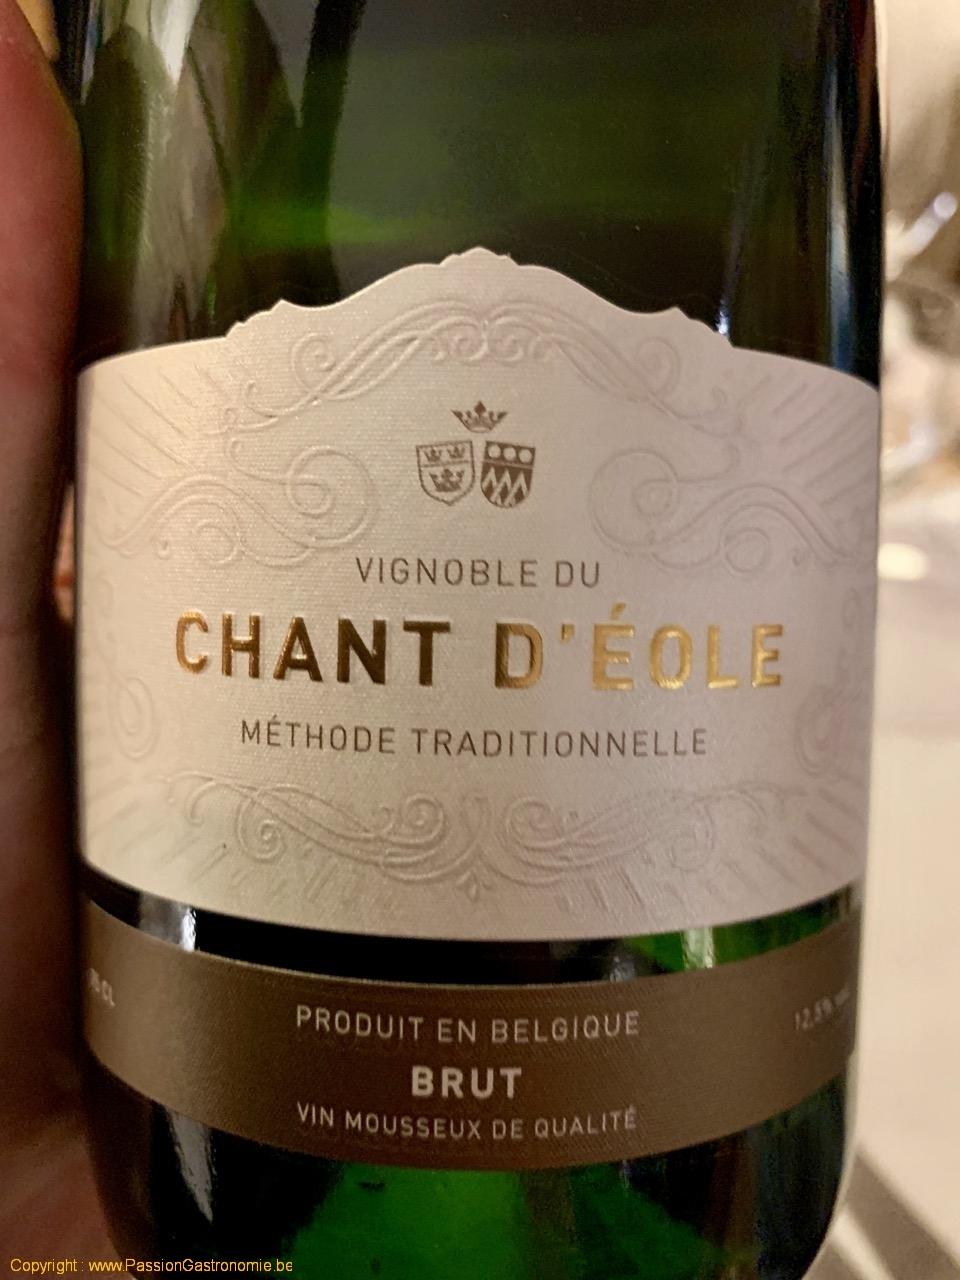 Restaurant Le Fou est Belge - Chant d'Eole